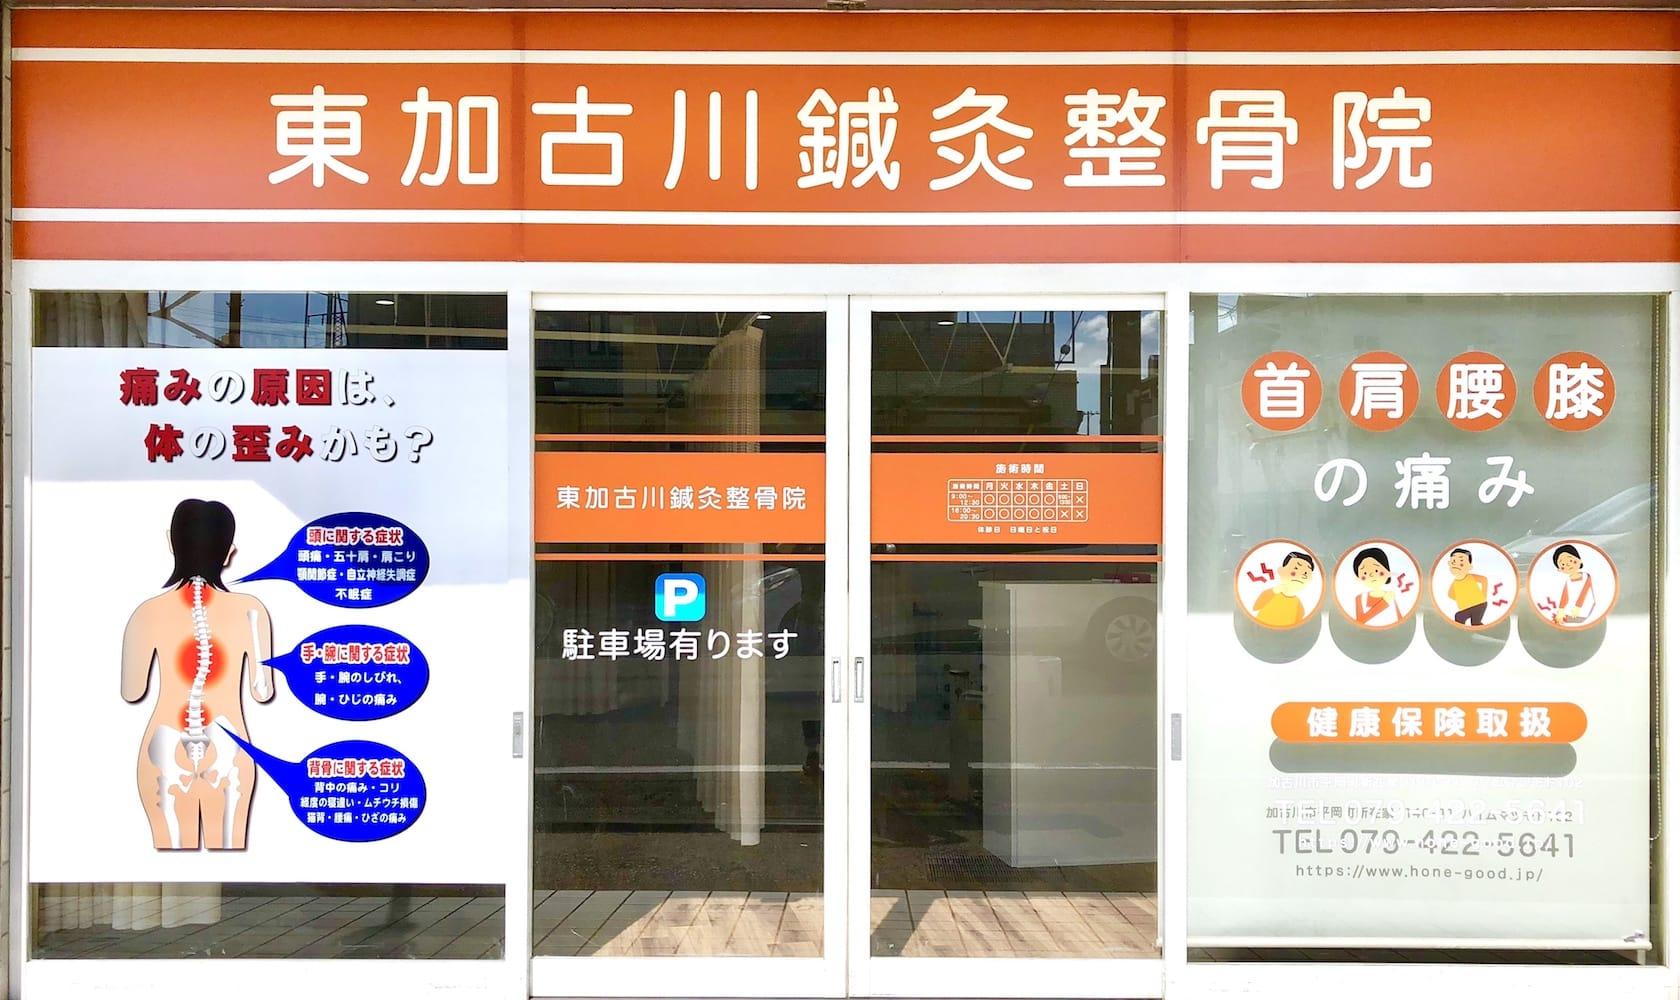 道順:「東加古川鍼灸整骨院」に到着です。